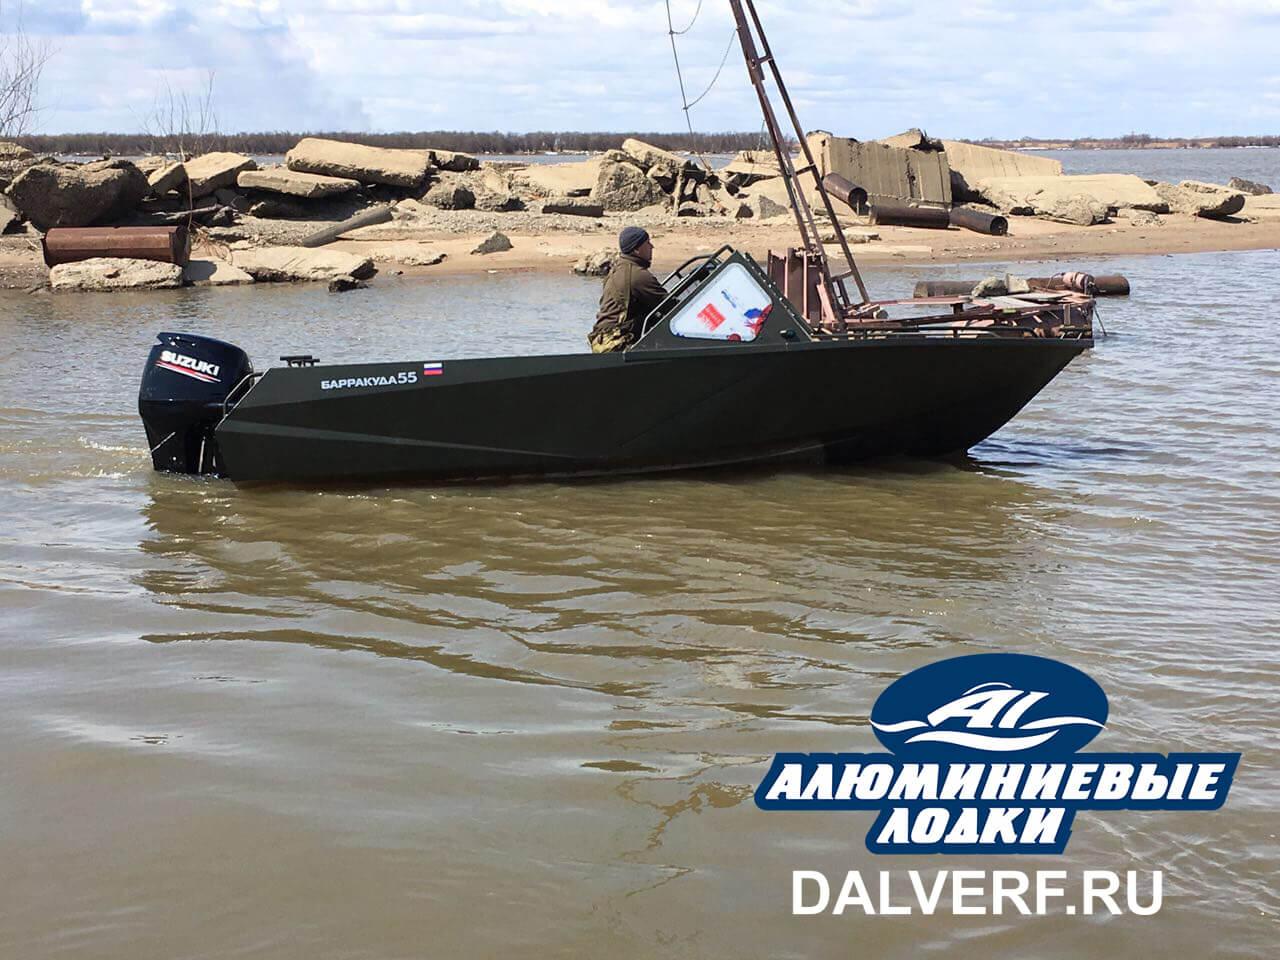 производители алюминиевых лодок в спб